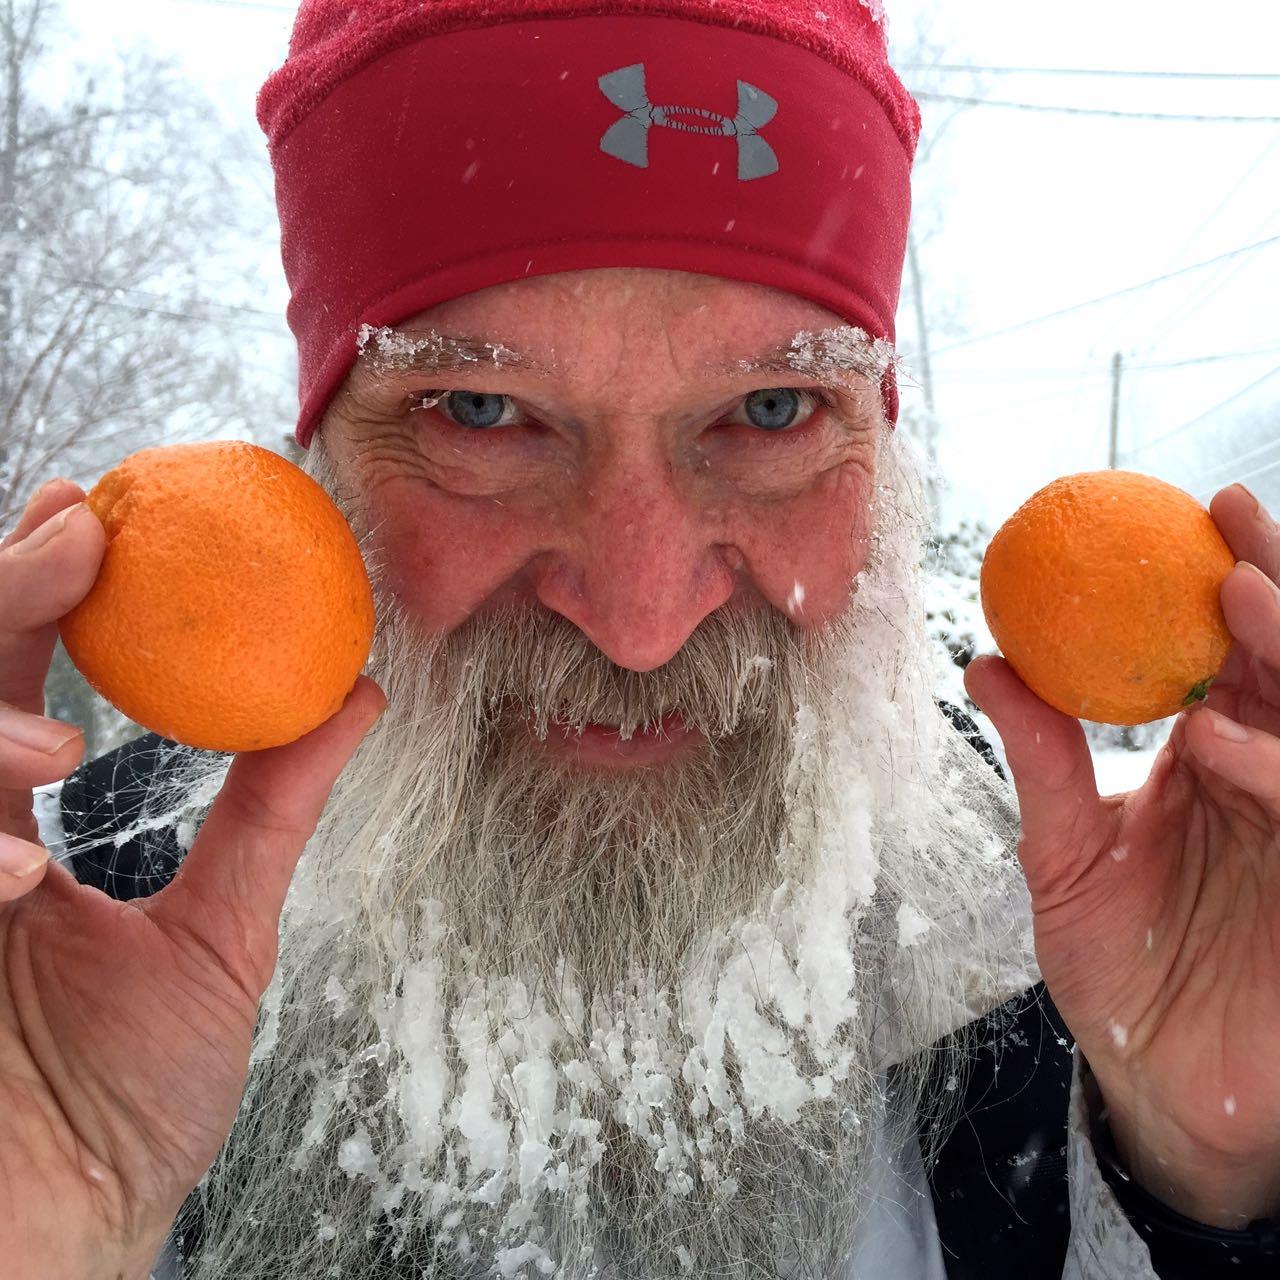 http://zhurnaly.com/images/running/blizzard_clementine_z.jpg